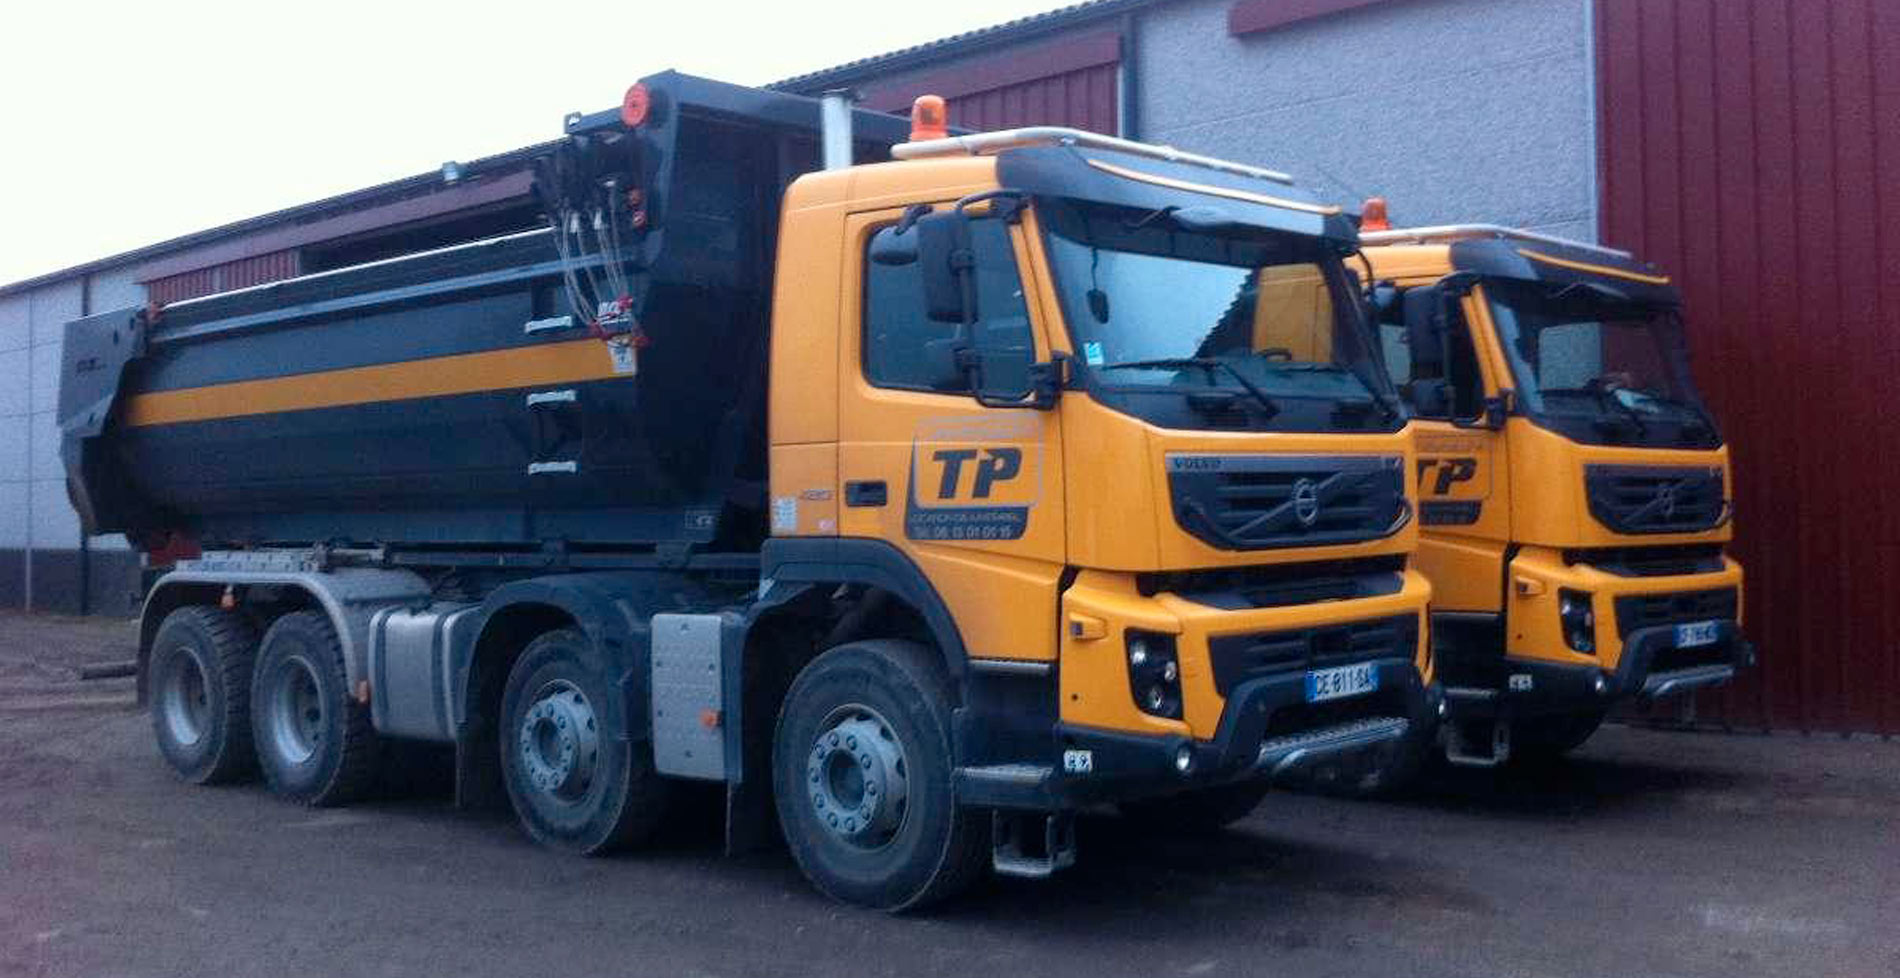 location-camion-8x4-janssen-tp-nord-pas-de-calais-dunkerque-calais-lille